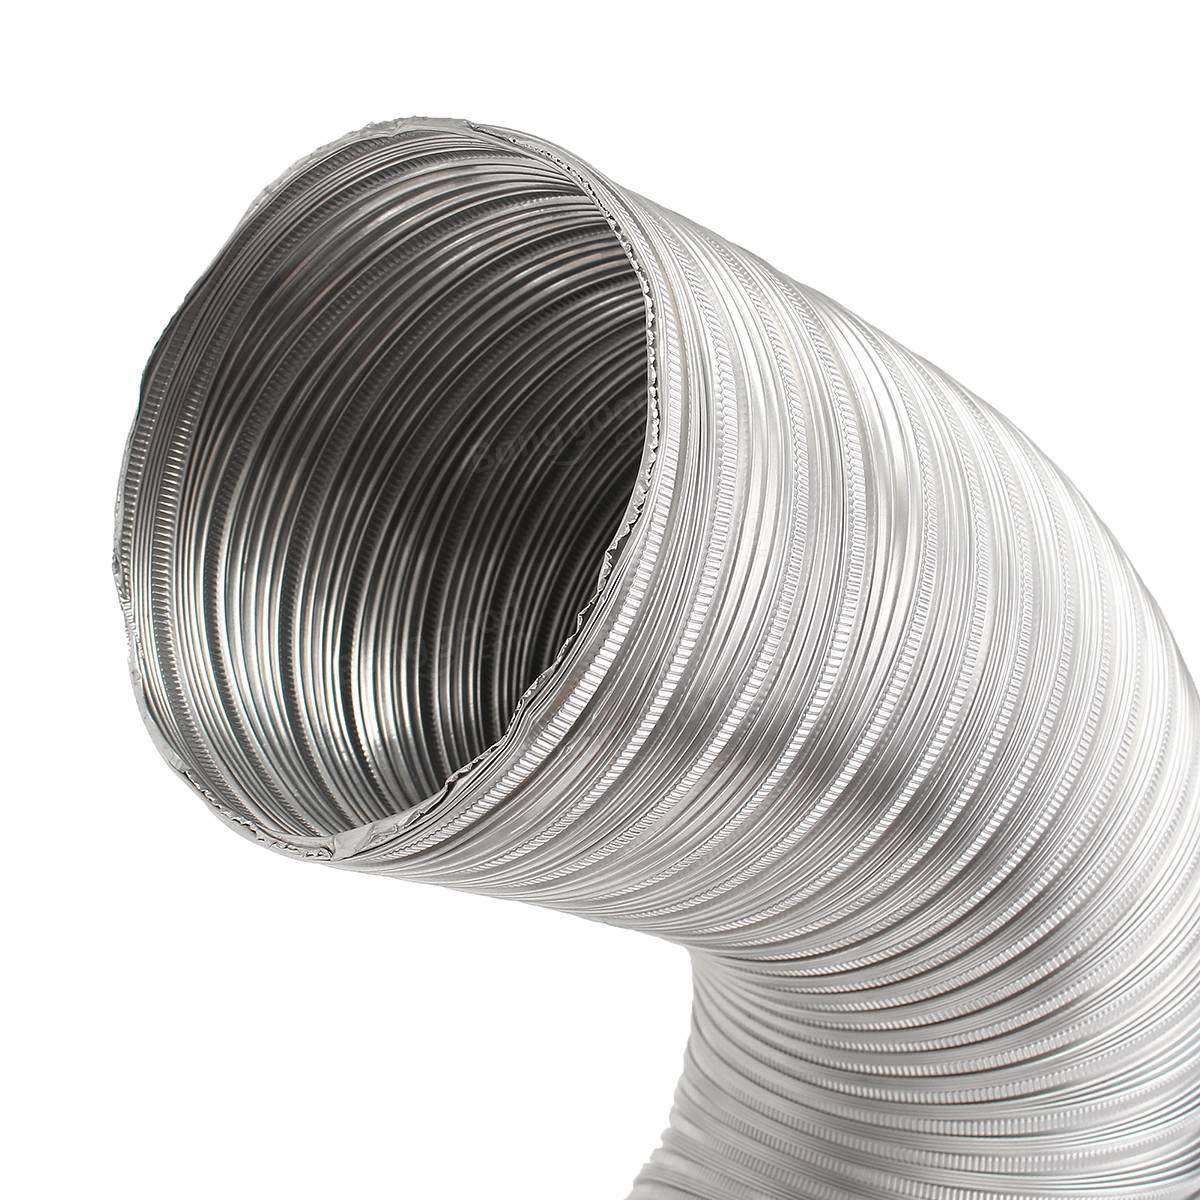 Duto de Alumínio Semi Rígido (Rolo c/ 1,5 mts)